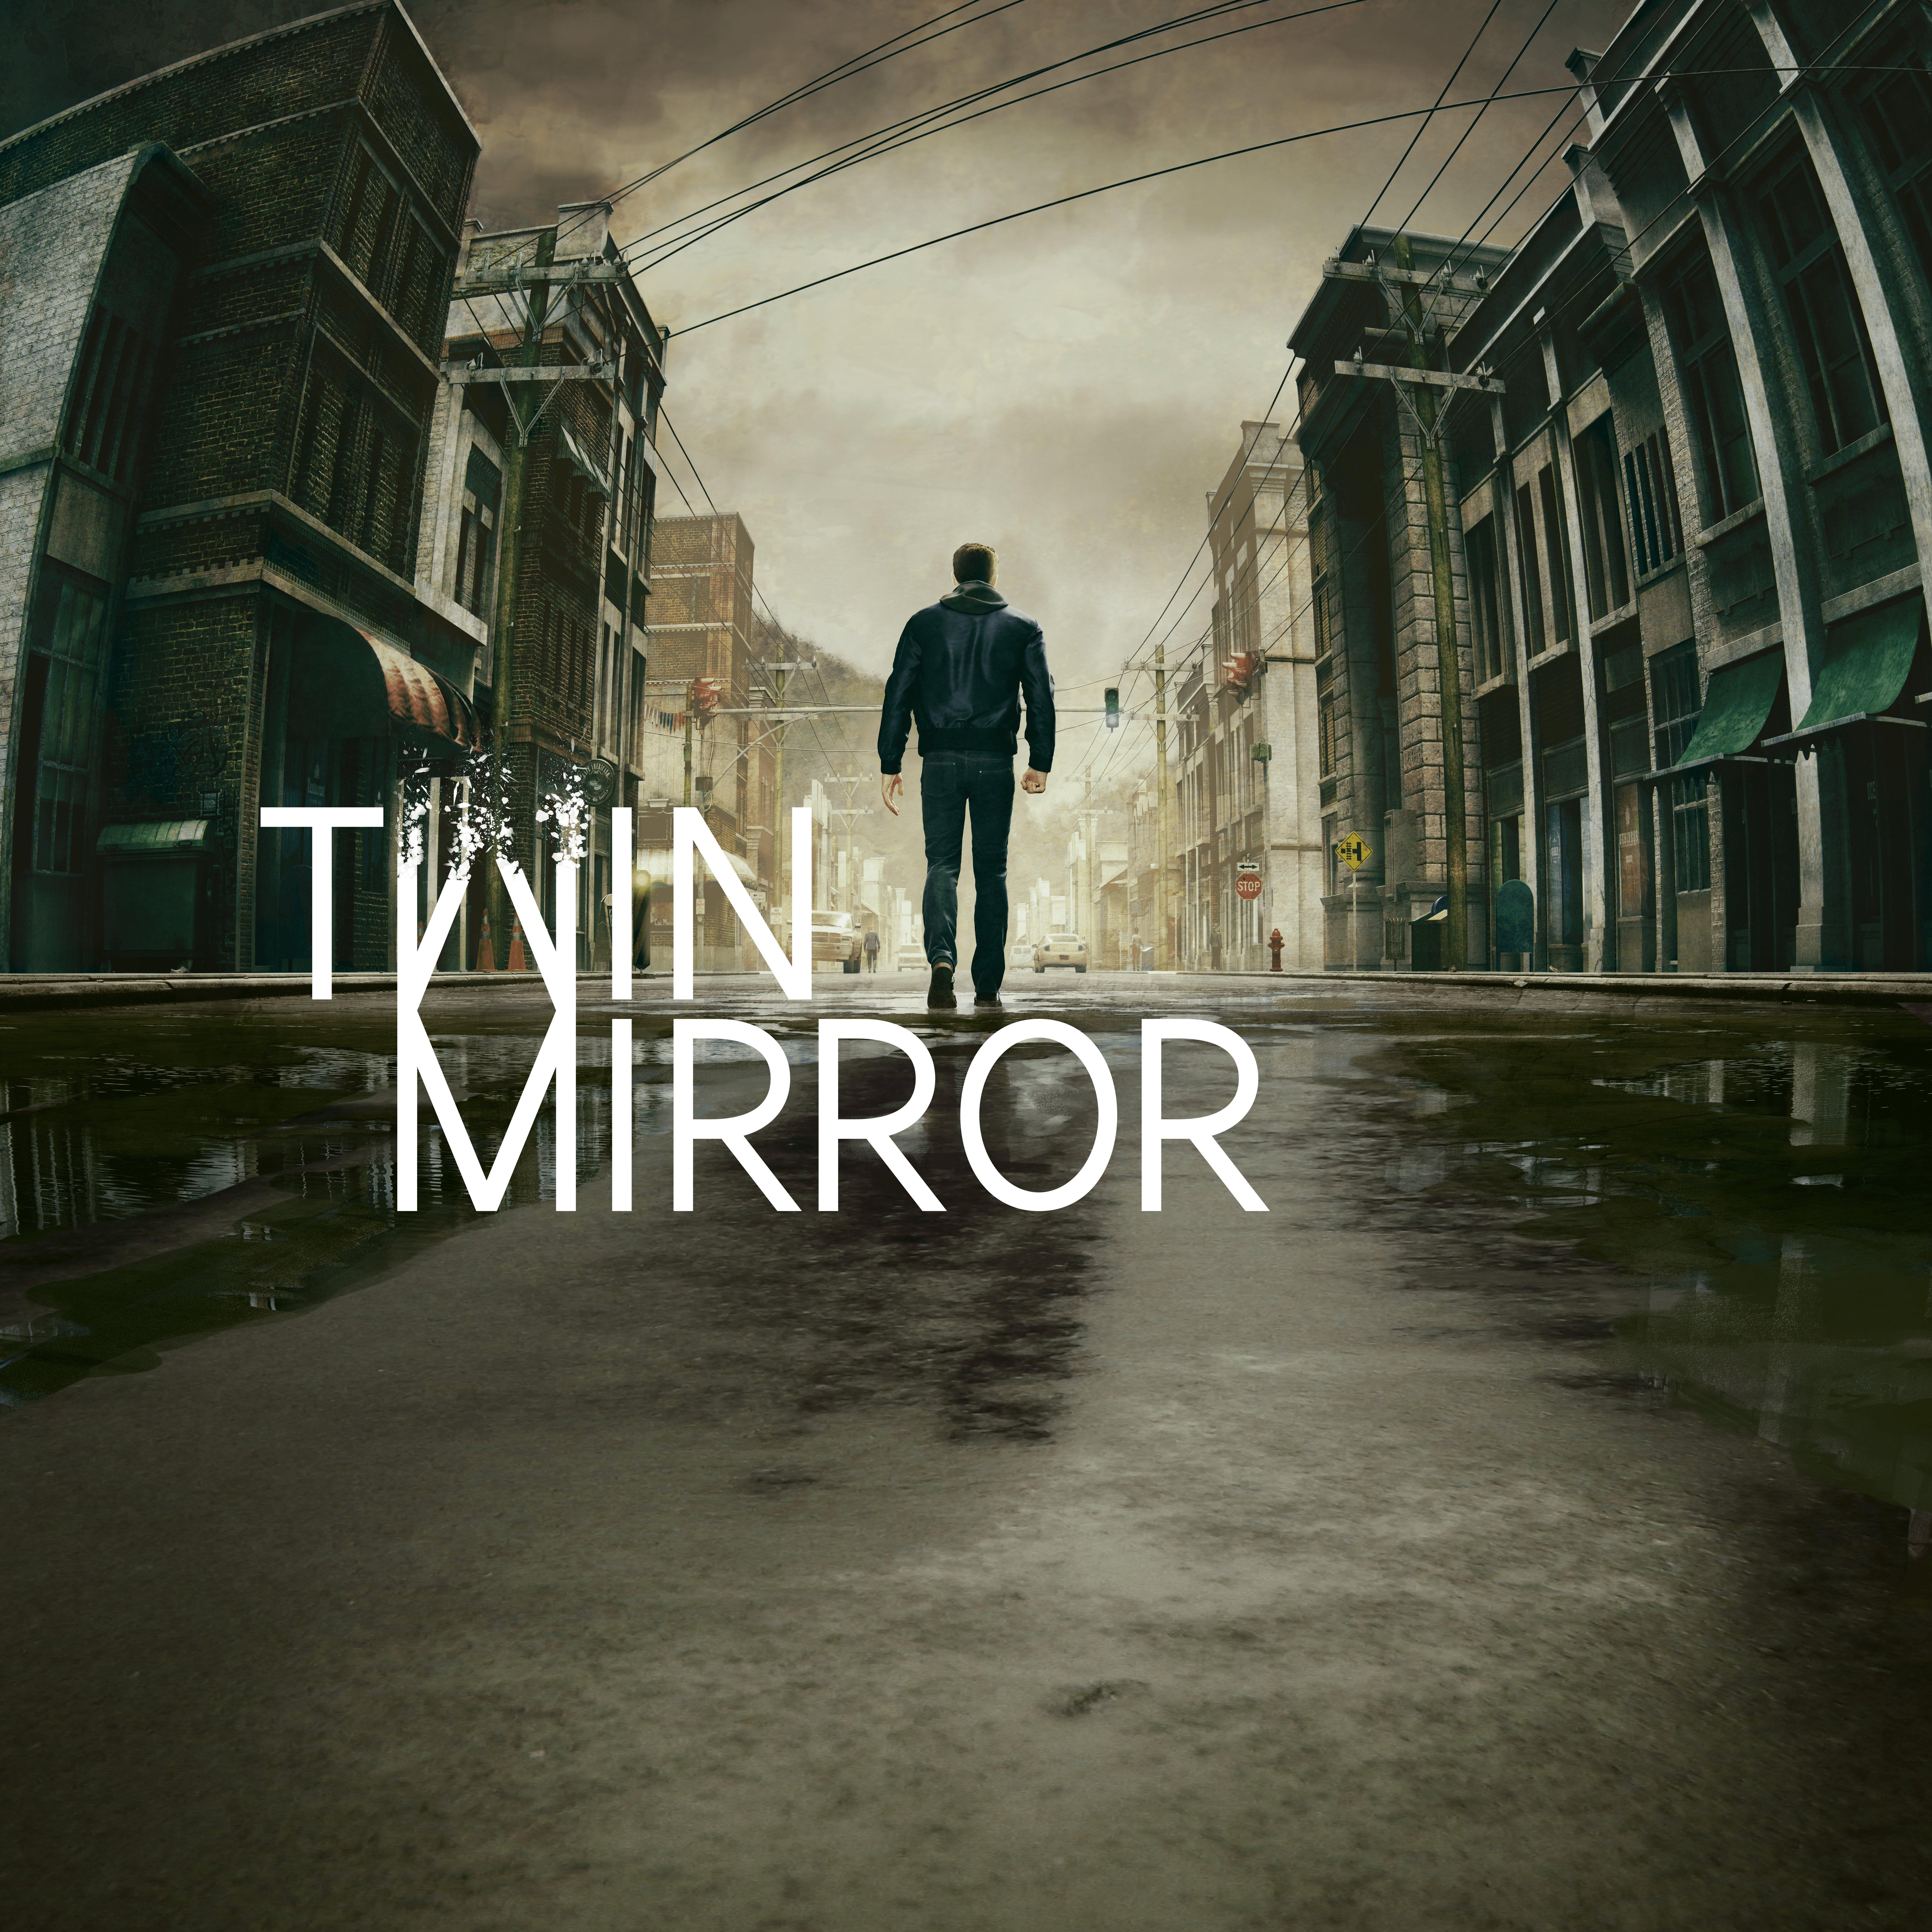 Twin Mirror - Twin Mirror 8K, Арт